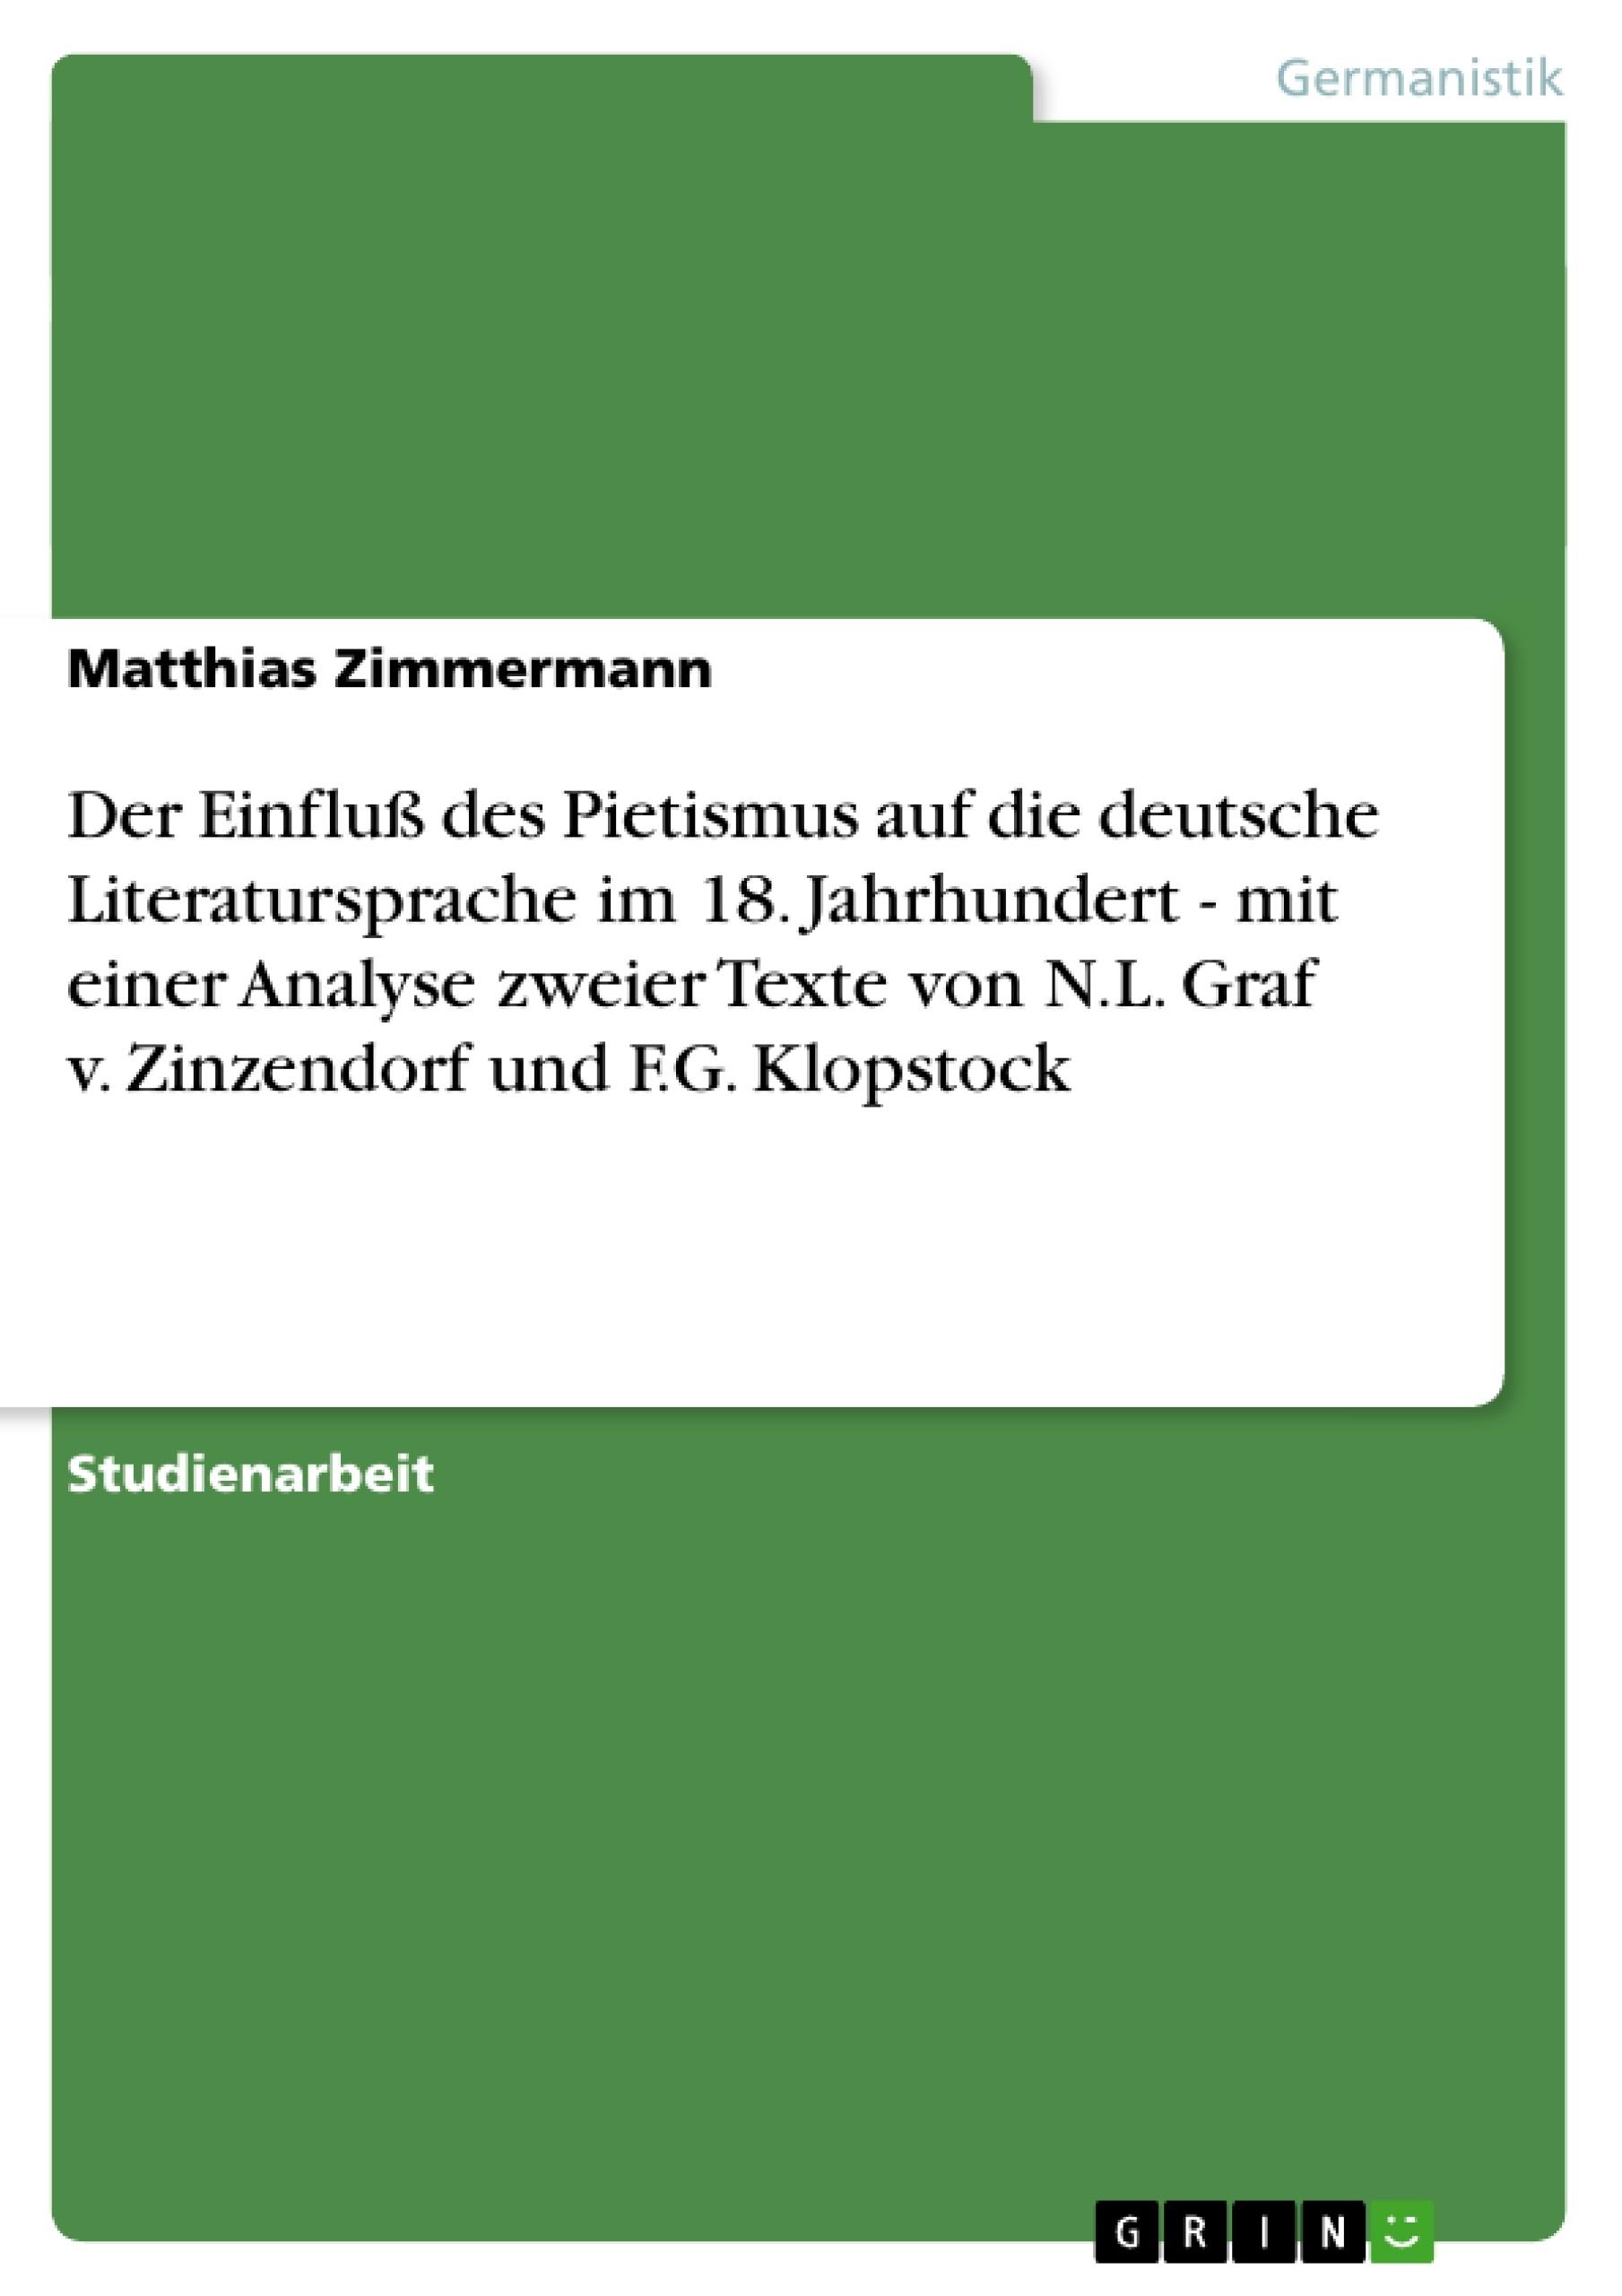 Titel: Der Einfluß des Pietismus auf die deutsche Literatursprache im 18. Jahrhundert - mit einer Analyse zweier Texte von N.L. Graf v. Zinzendorf und F.G. Klopstock